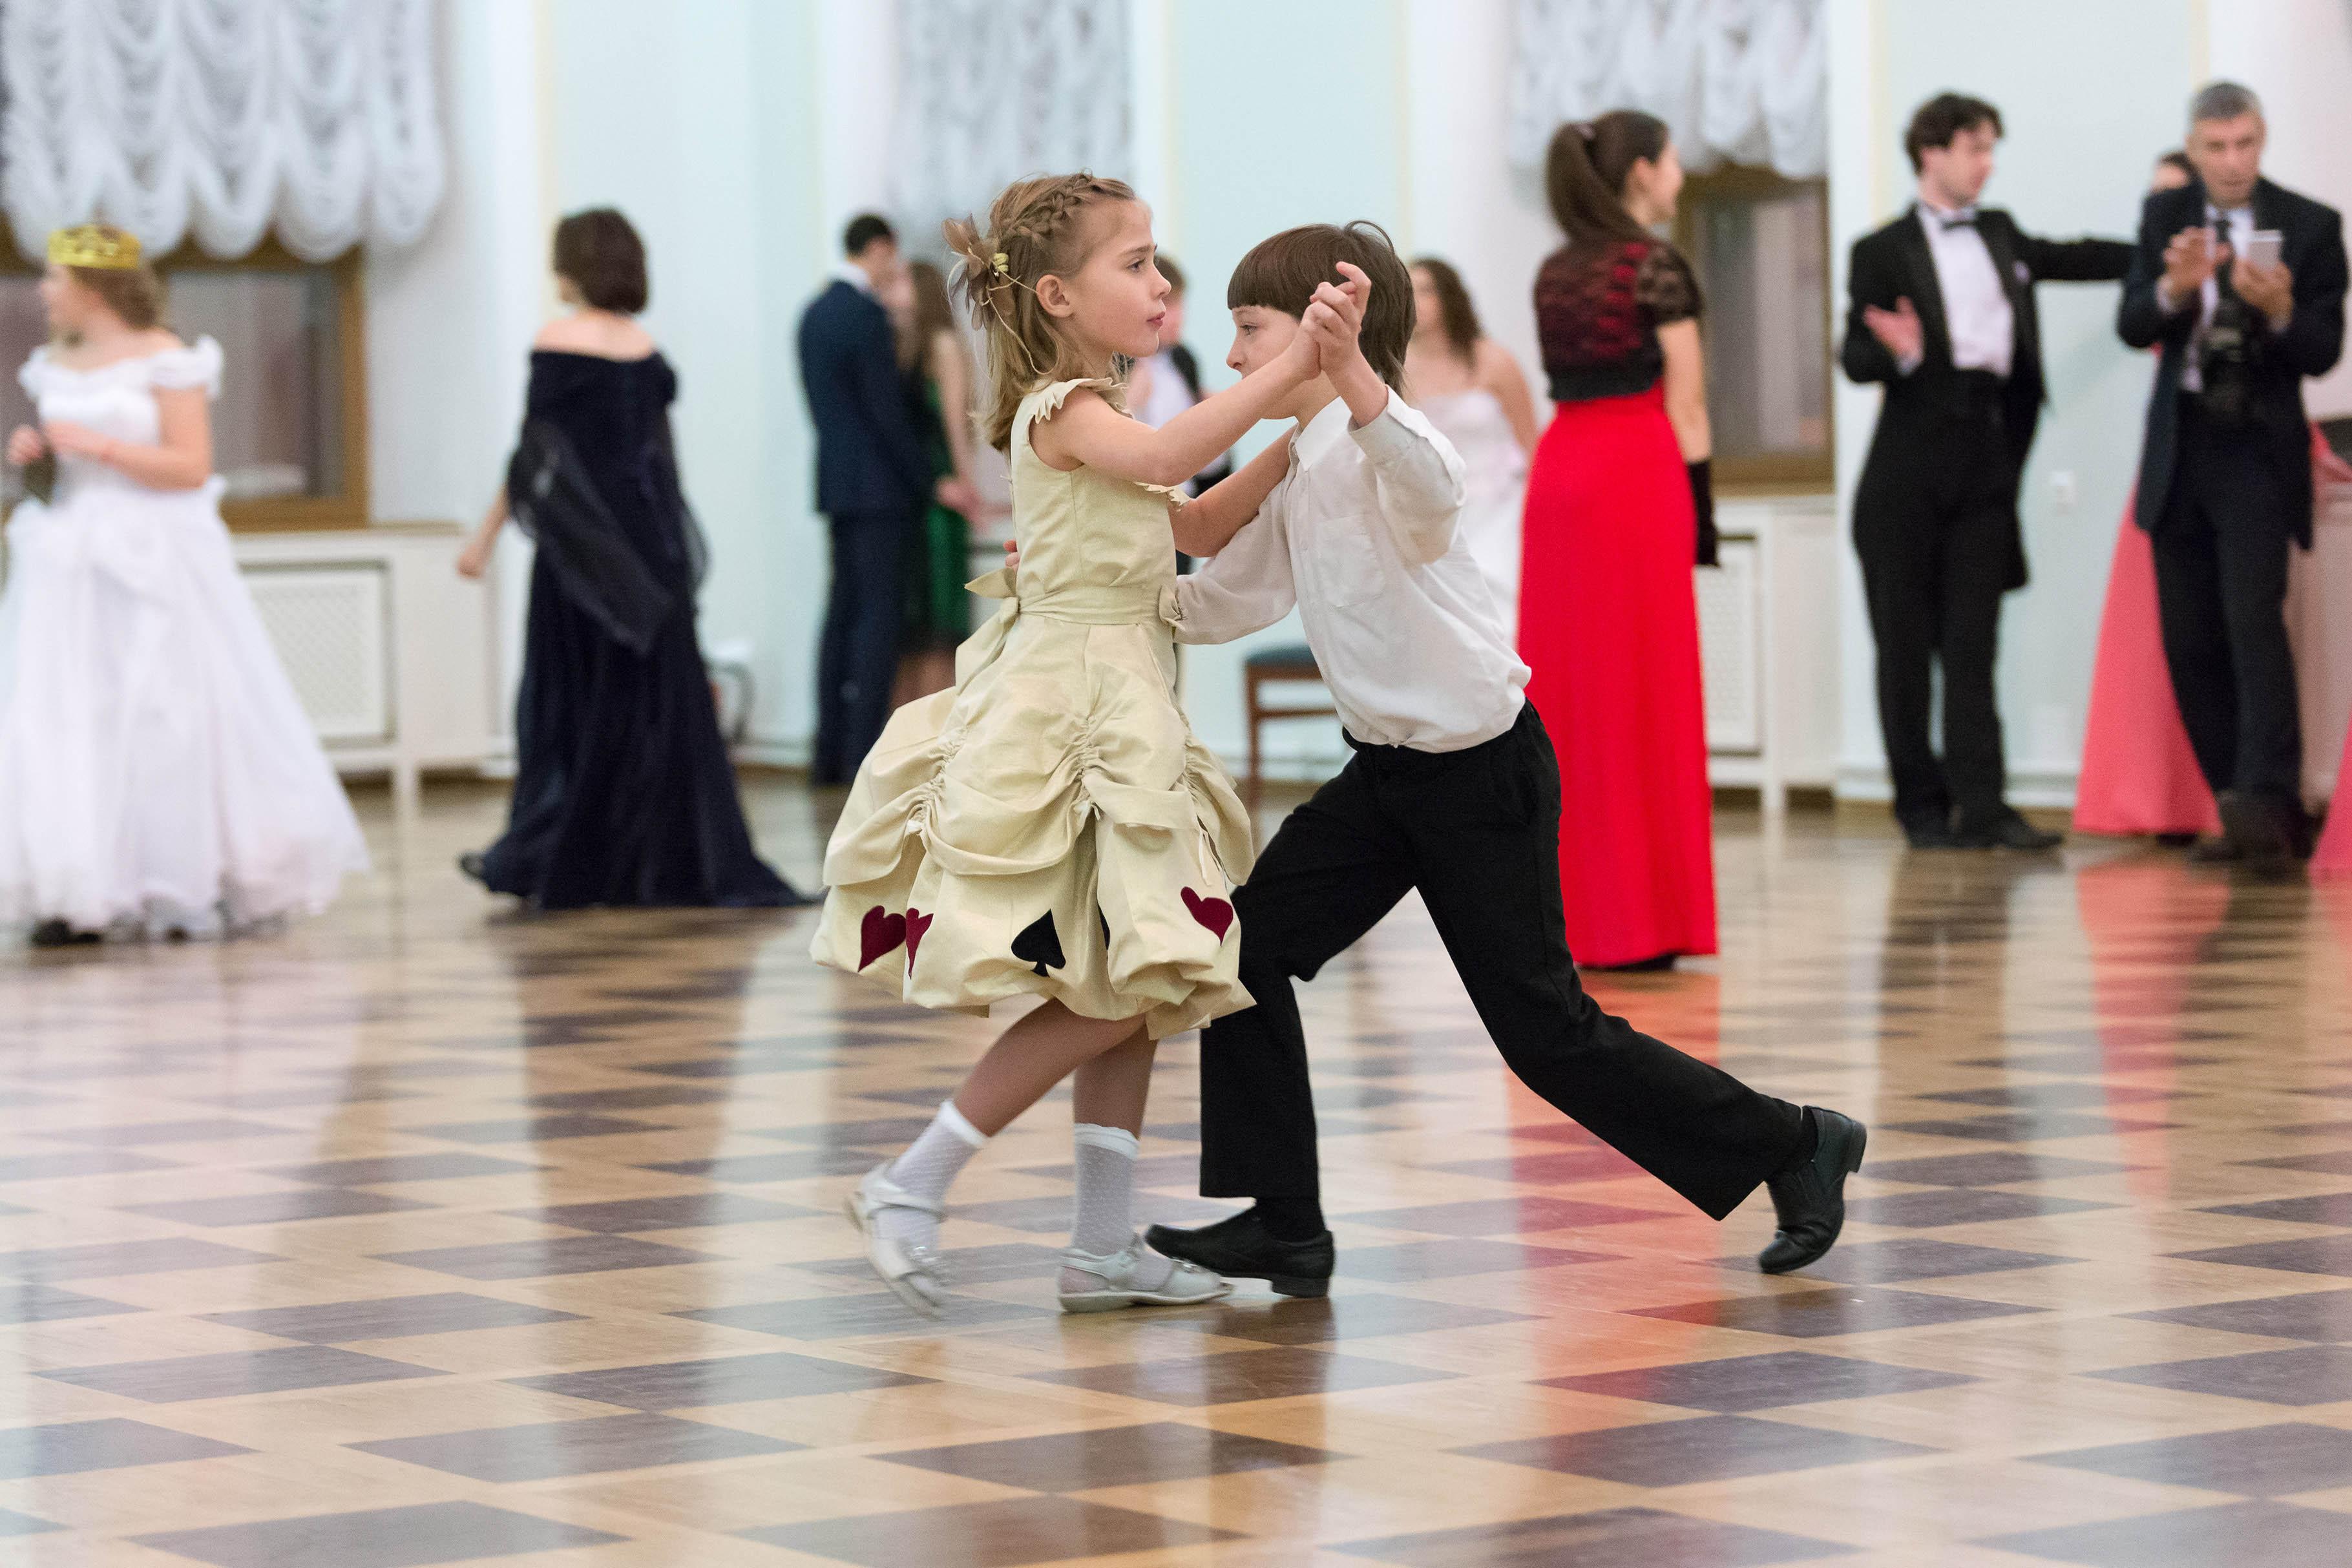 Картинки танец вальс для детей, открытки новым 2016